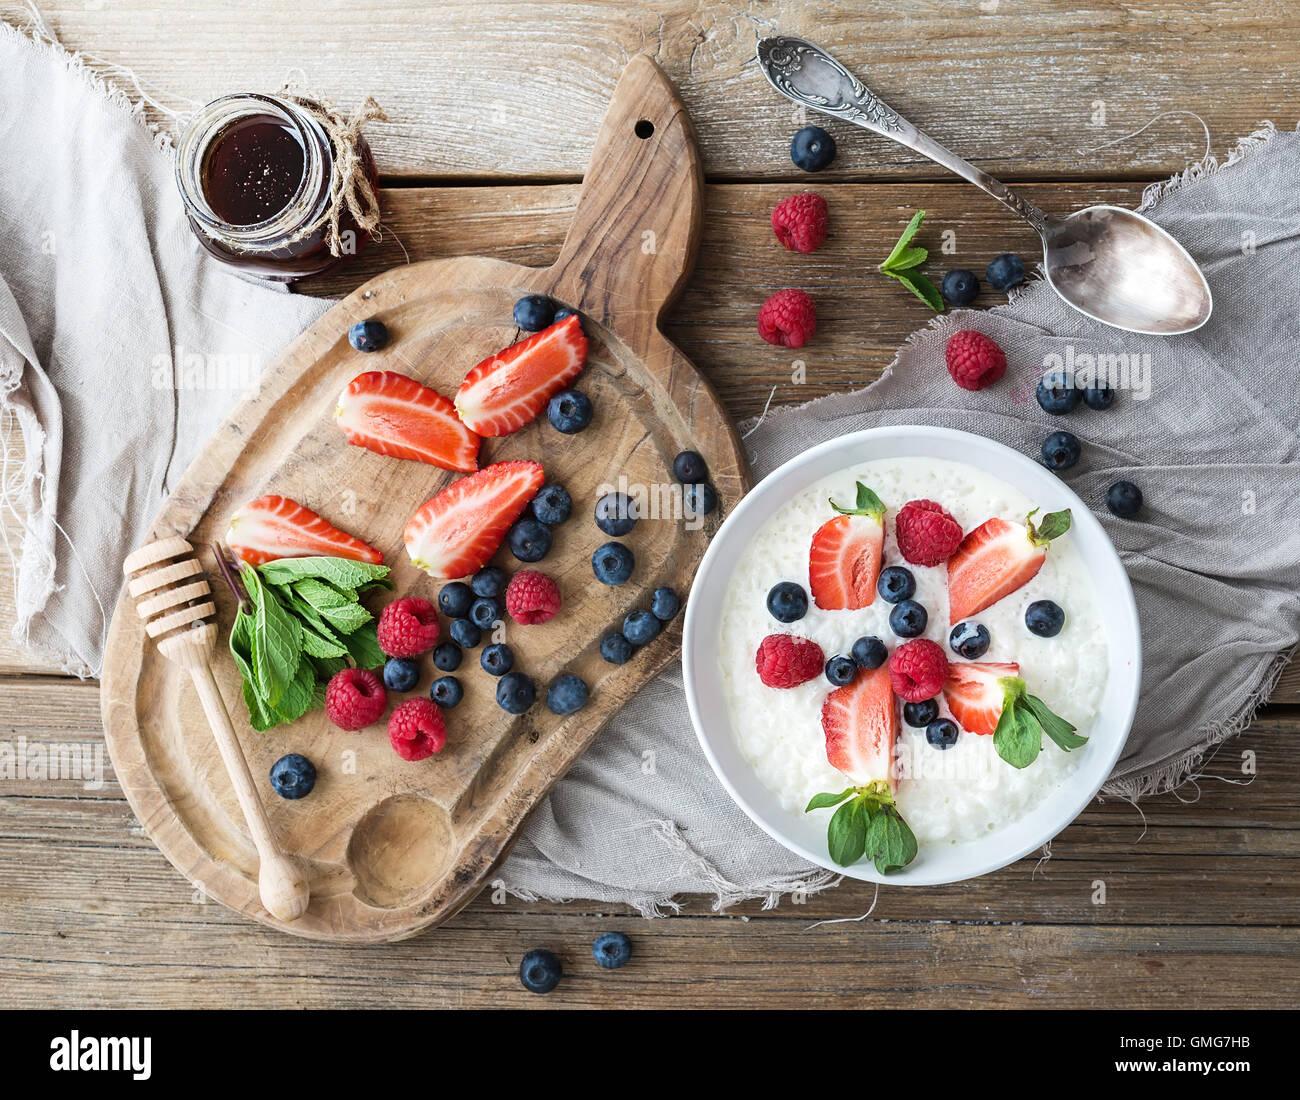 Sana colazione set. Cereali di riso o porridge con frutti di bosco e miele Immagini Stock